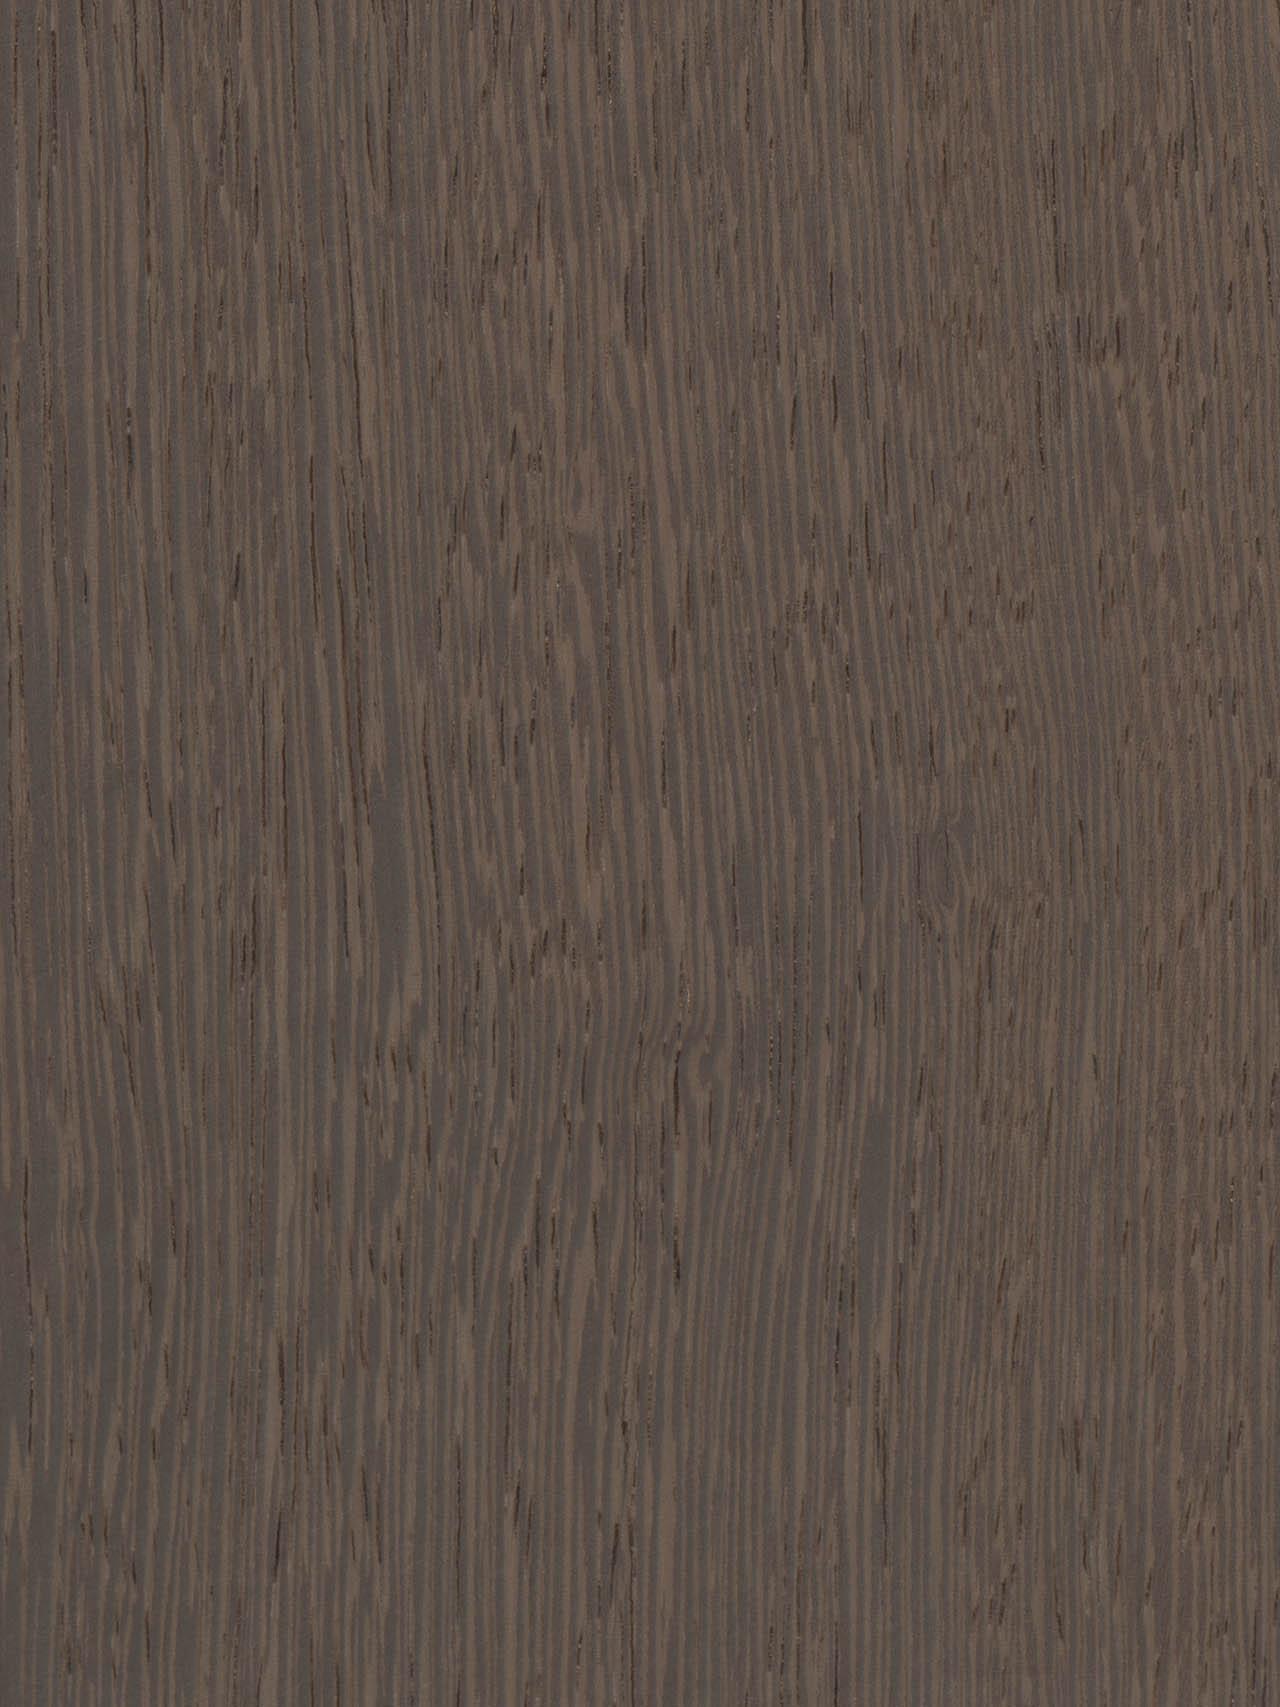 Chapa madera Lati Avellana MBF102 Losán